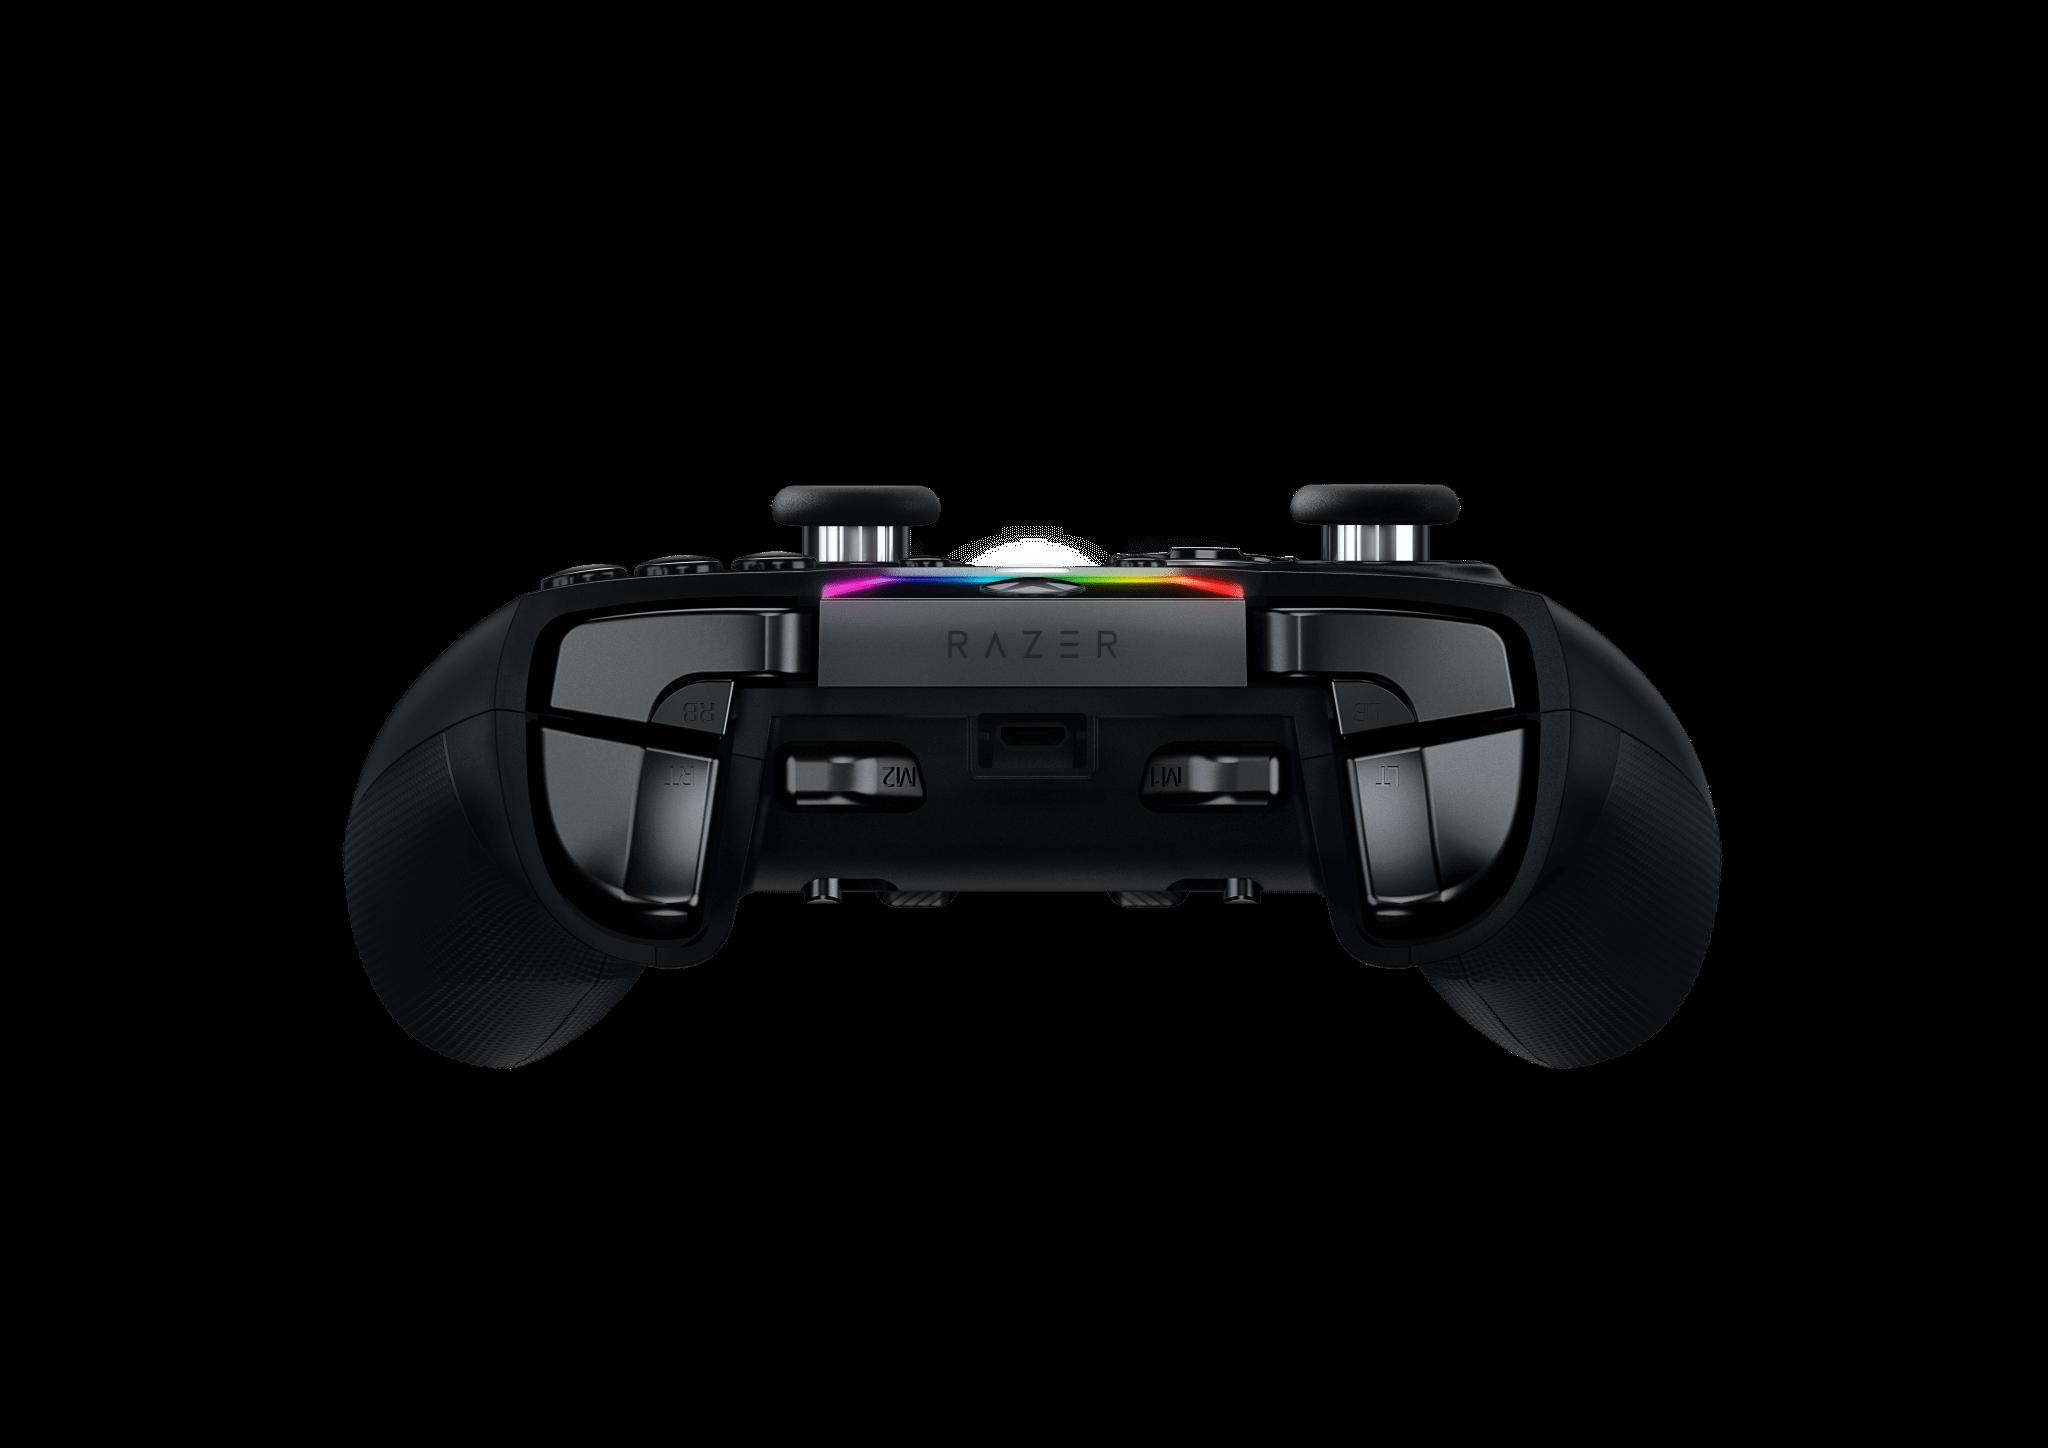 Este é o controle mais personalizável do mercado para Xbox e PC